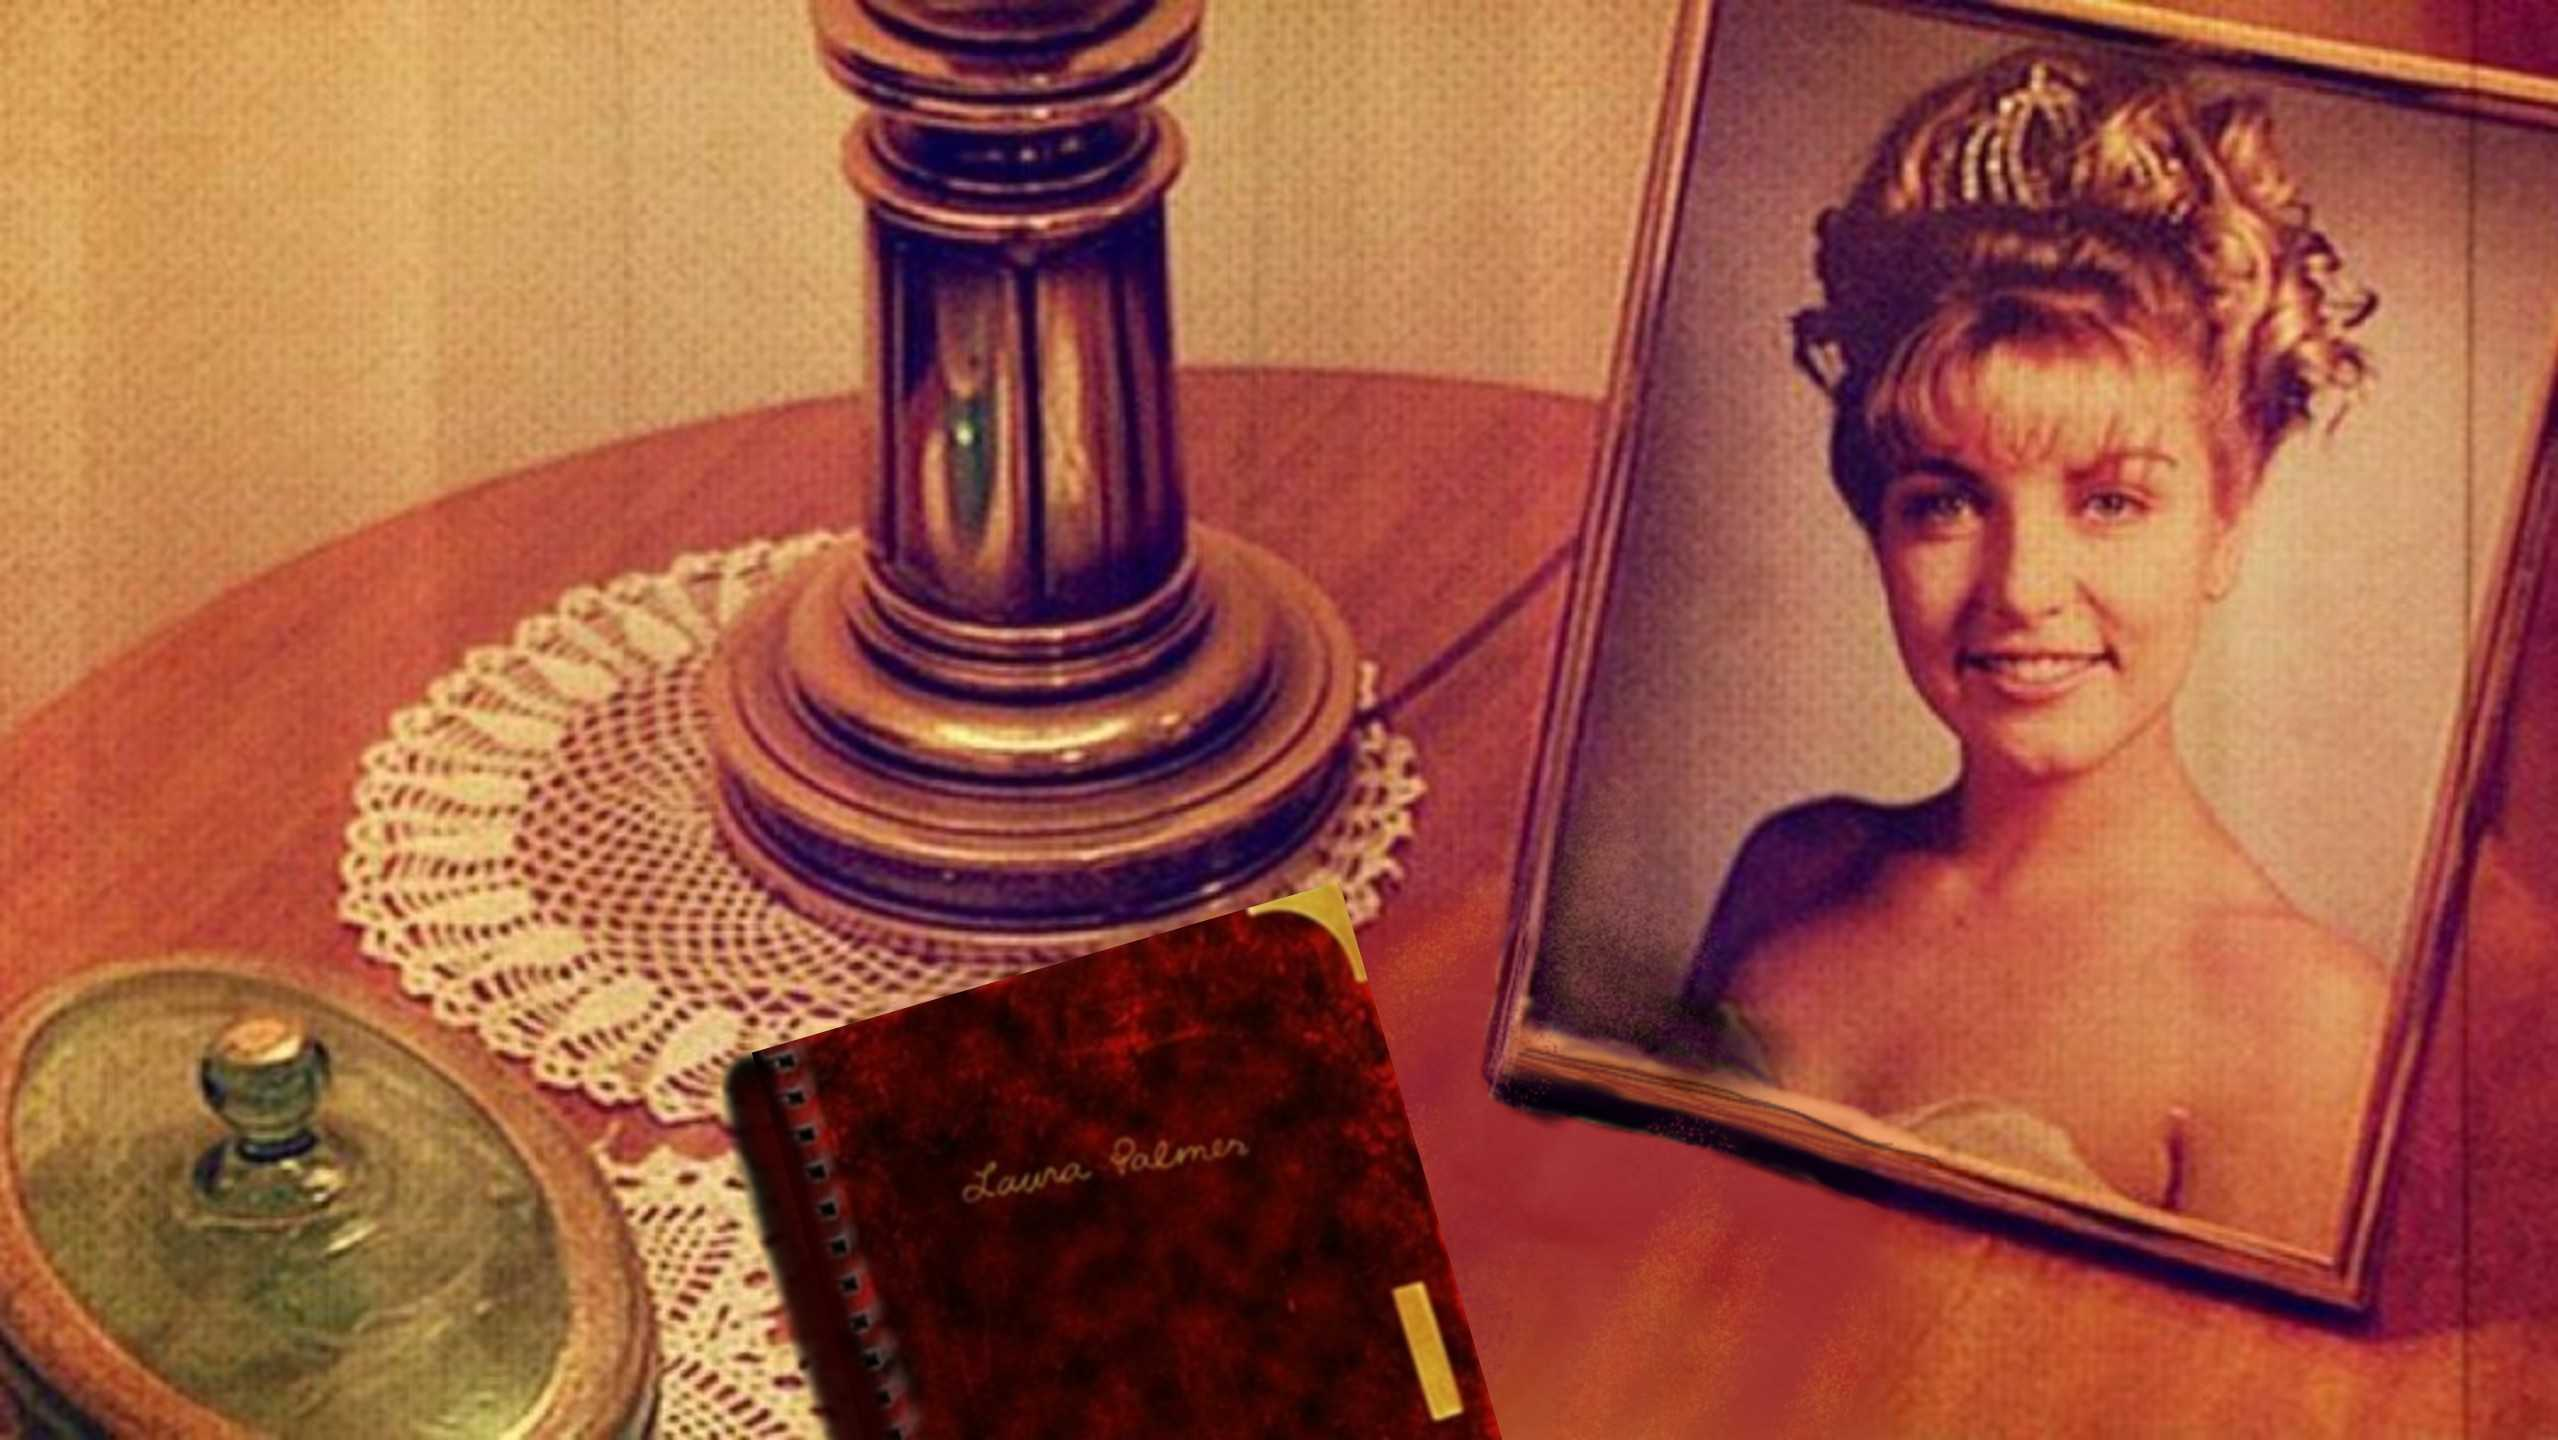 Bobby Briggs & Laura Palmer: A Love Story